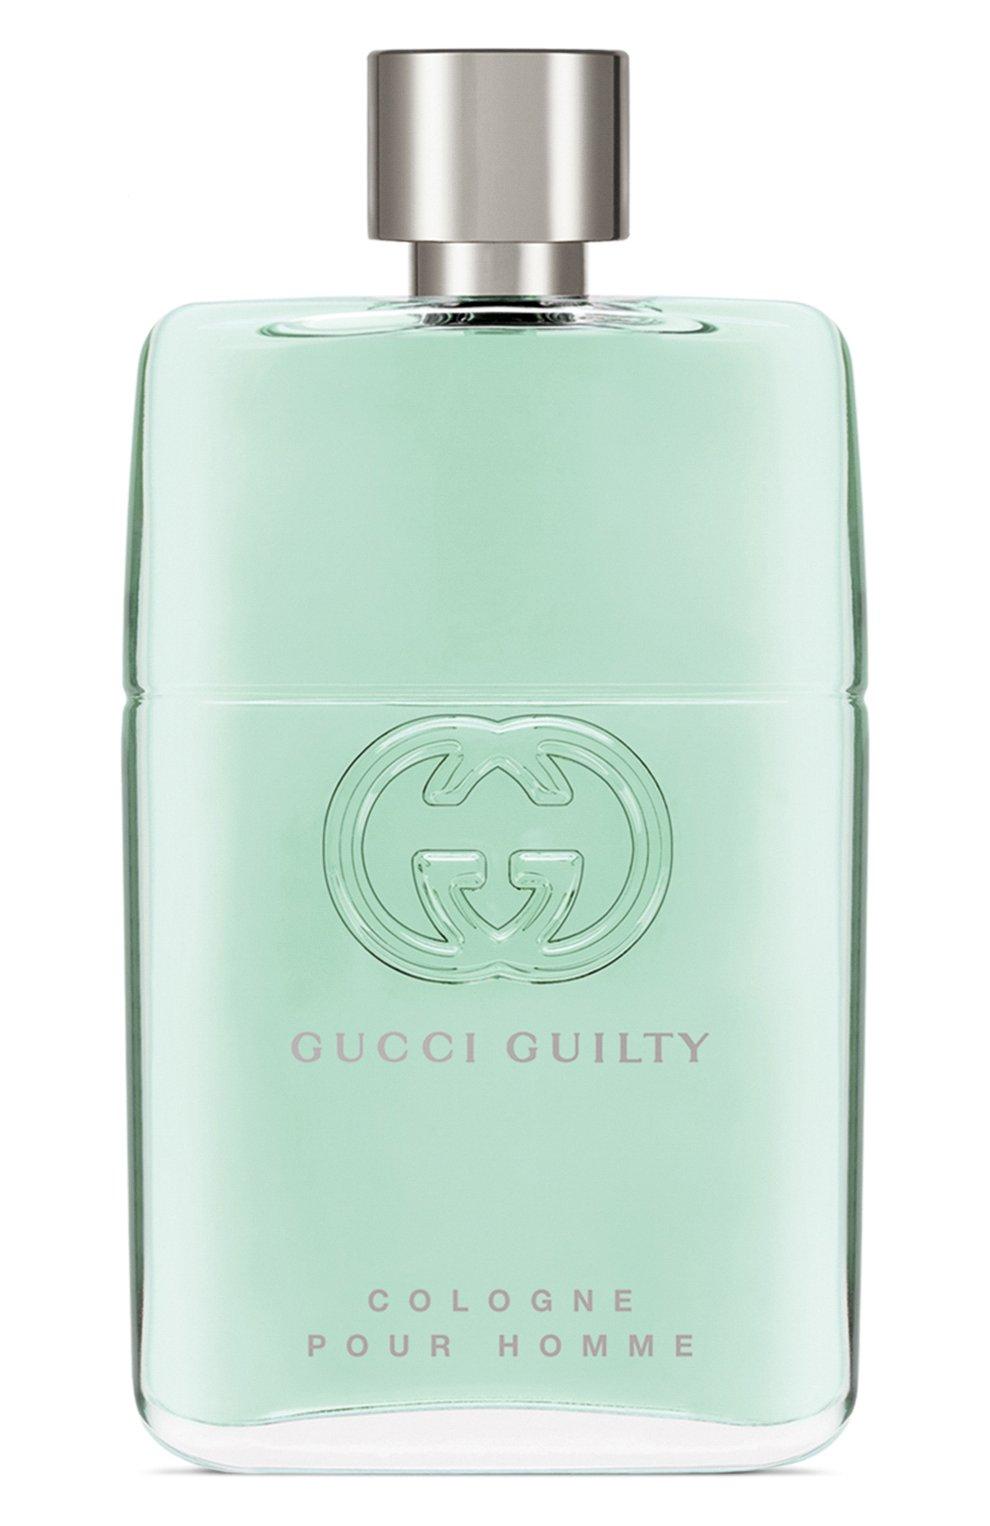 Мужской туалетная вода guilty cologne (90ml) GUCCI бесцветного цвета, арт. 3614227912076   Фото 1 (Статус проверки: Проверена категория; Ограничения доставки: flammable)